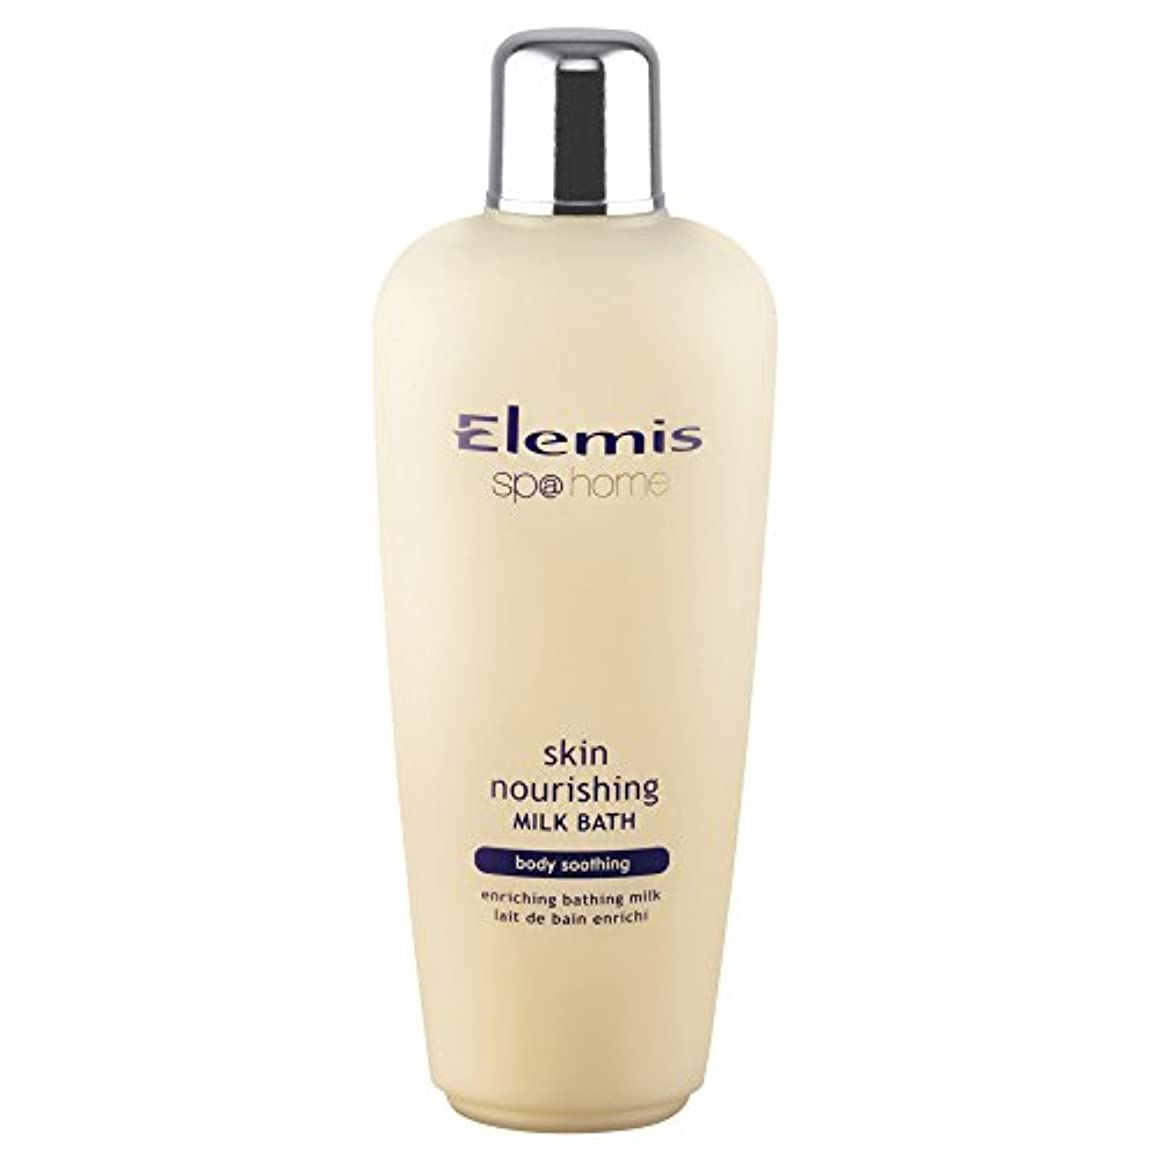 穿孔するガラスポーンエレミススキン栄養ミルクバスの400ミリリットル (Elemis) - Elemis Skin Nourishing Milk Bath 400ml [並行輸入品]